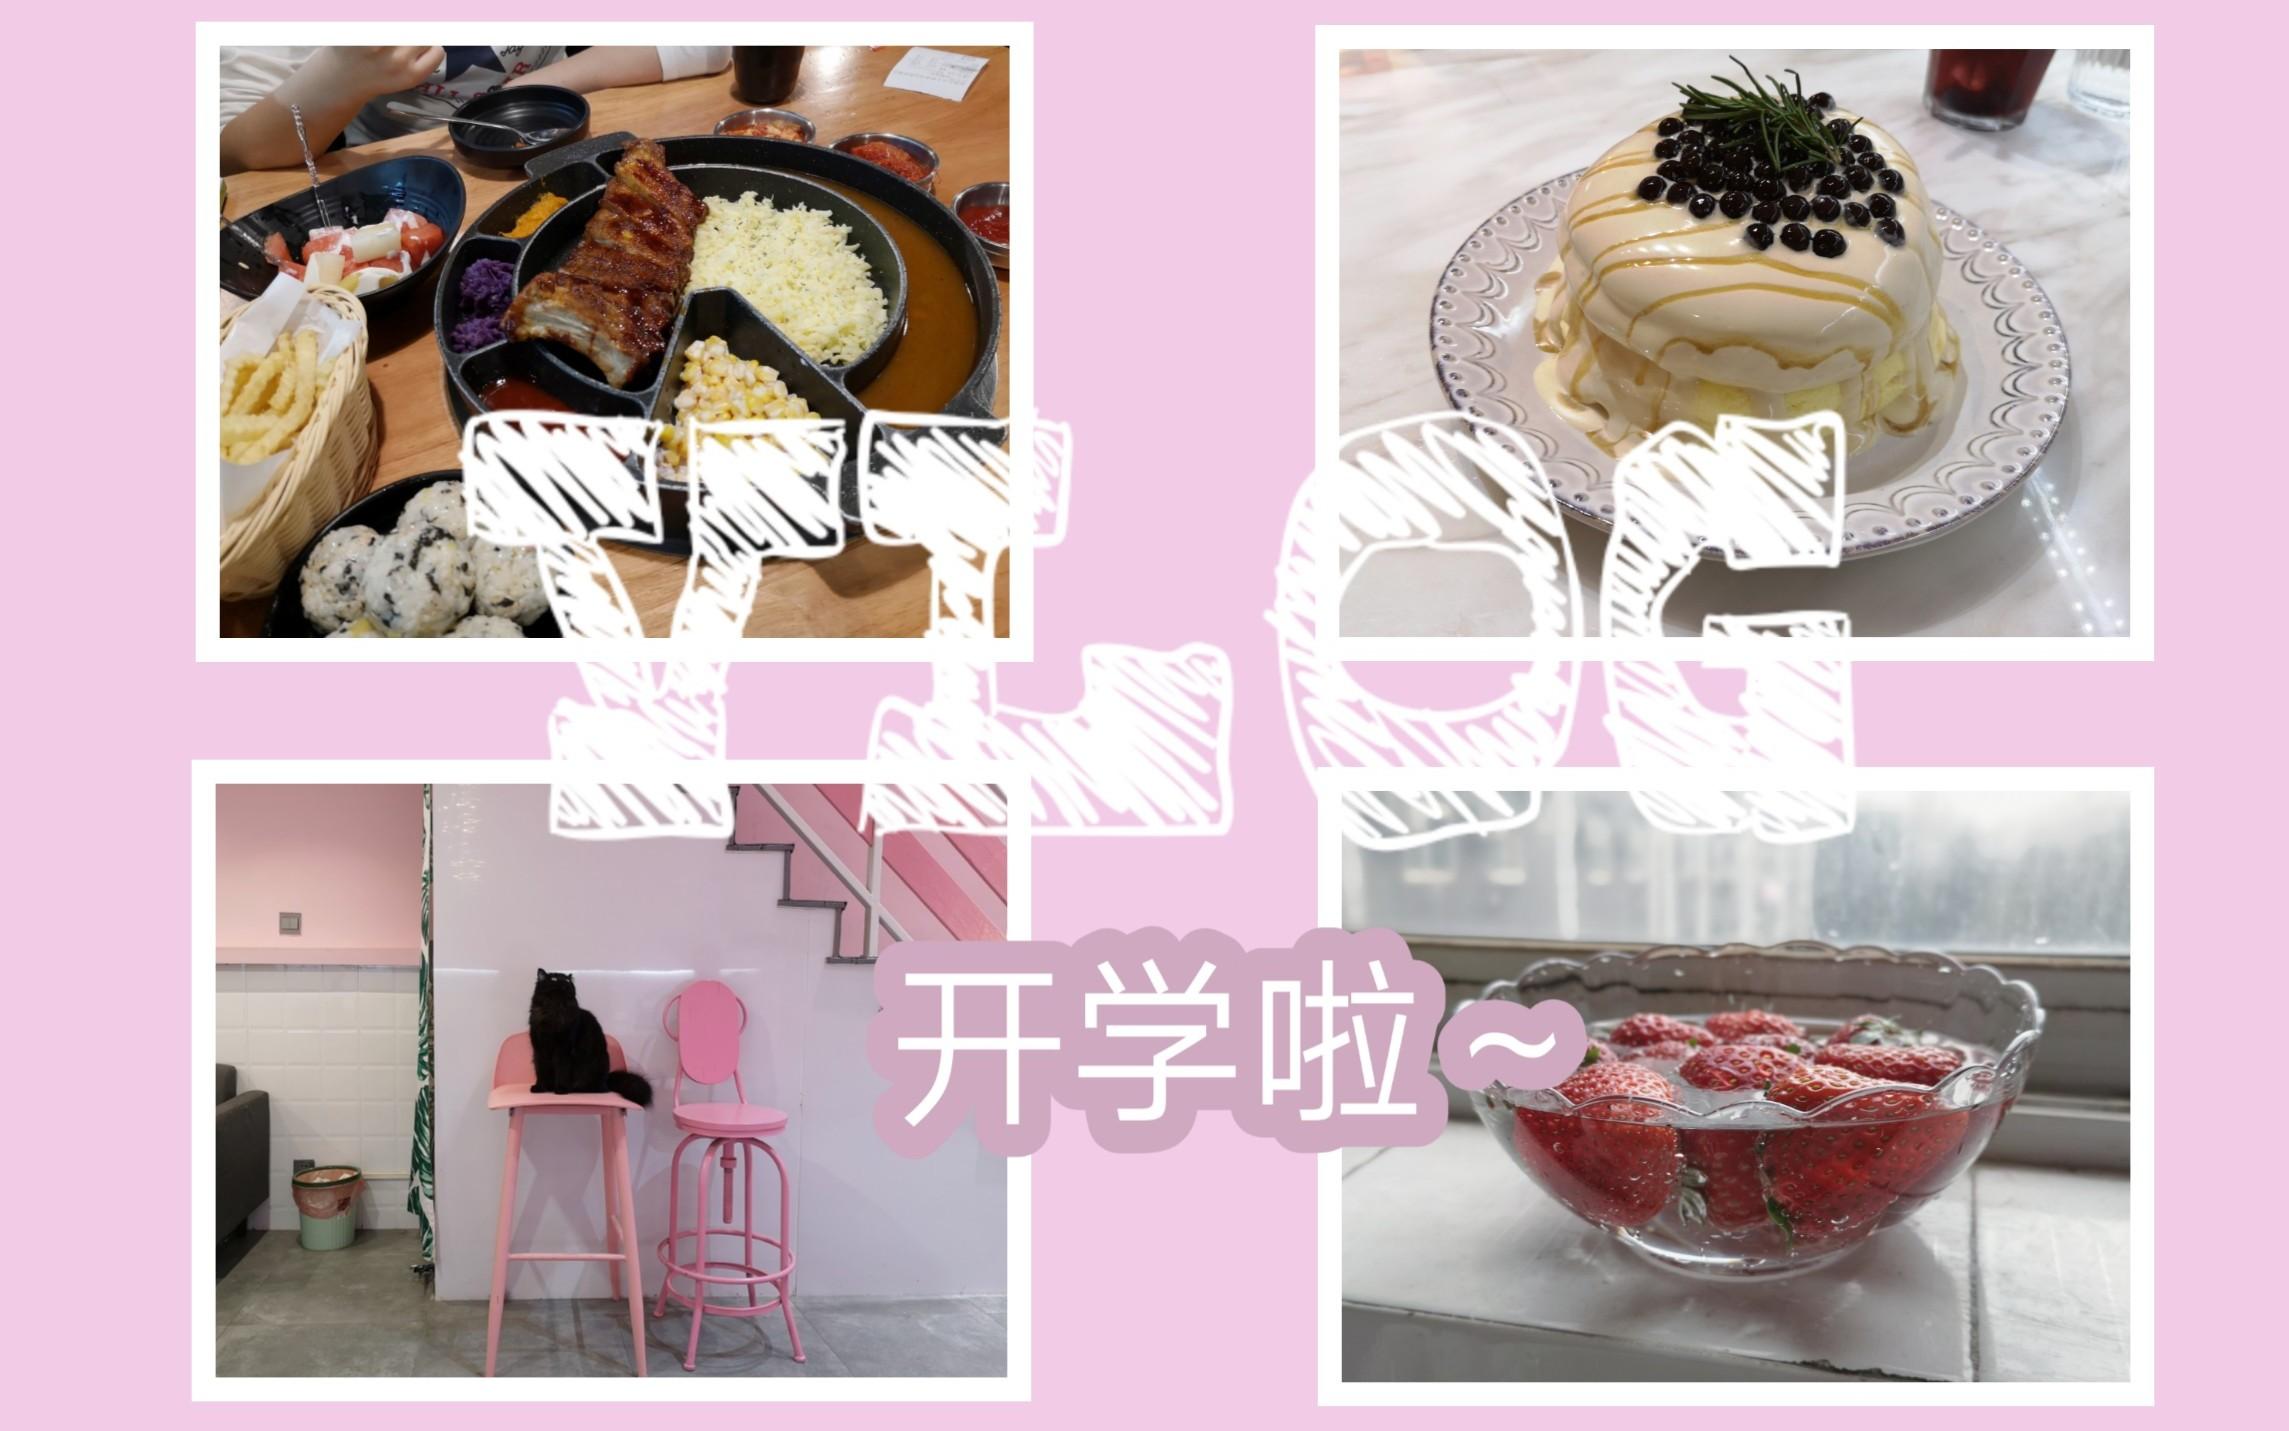 VLOG  开学第一周 芝士排骨 珍珠奶茶舒芙蕾 江汉路 上课 宿舍小日常